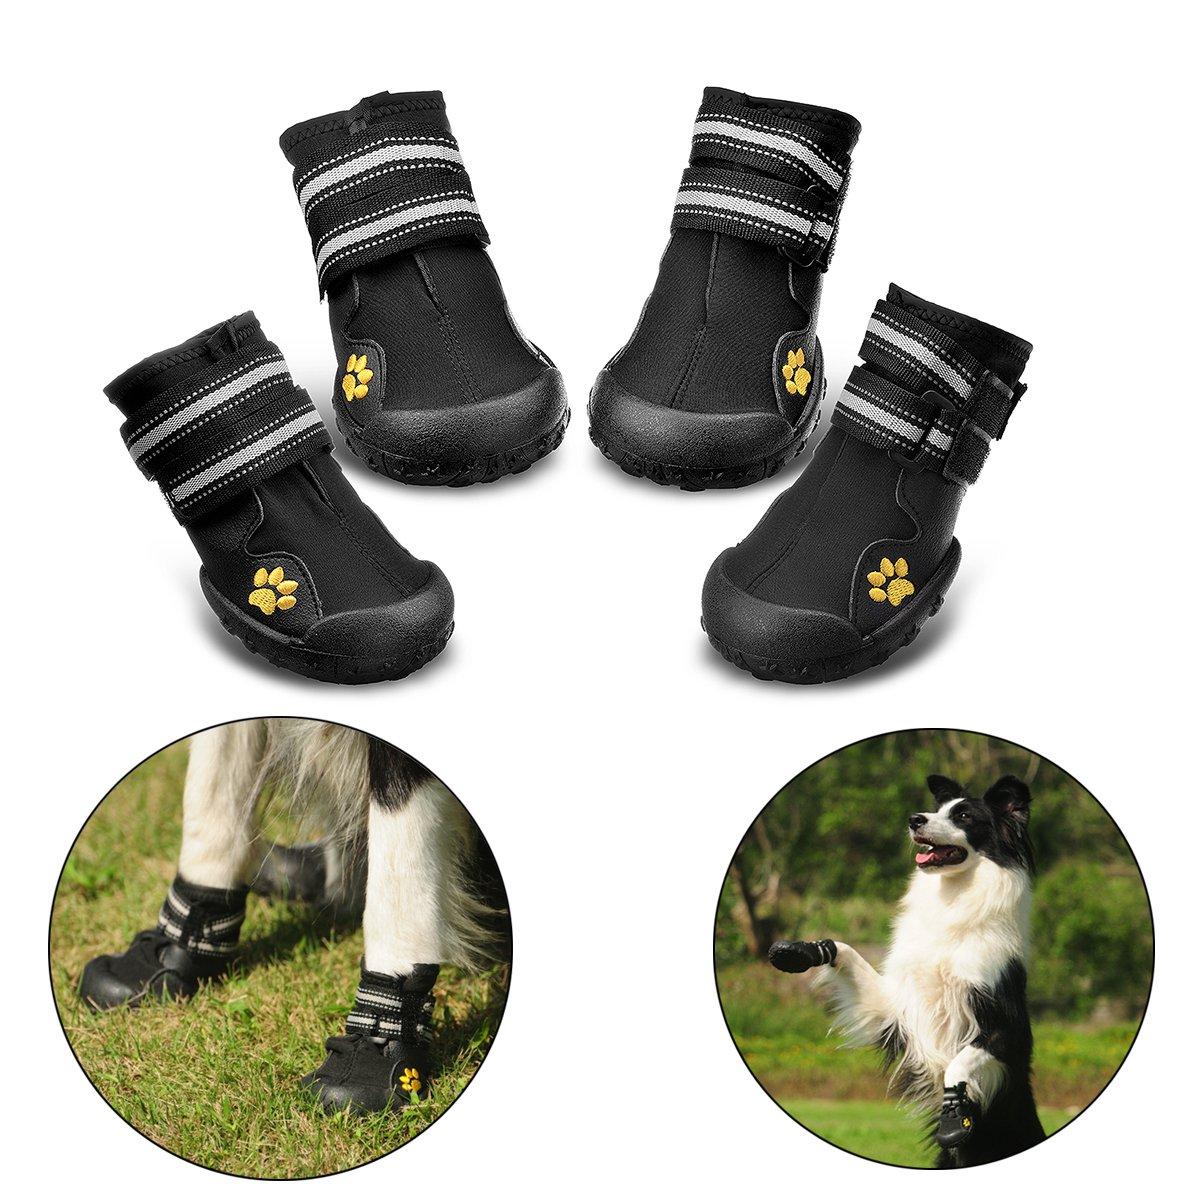 Bottes pour chien de protection, Royalcare Lot de 4étanche Chaussures de chien pour chiens de taille moyenne et grande–Noir